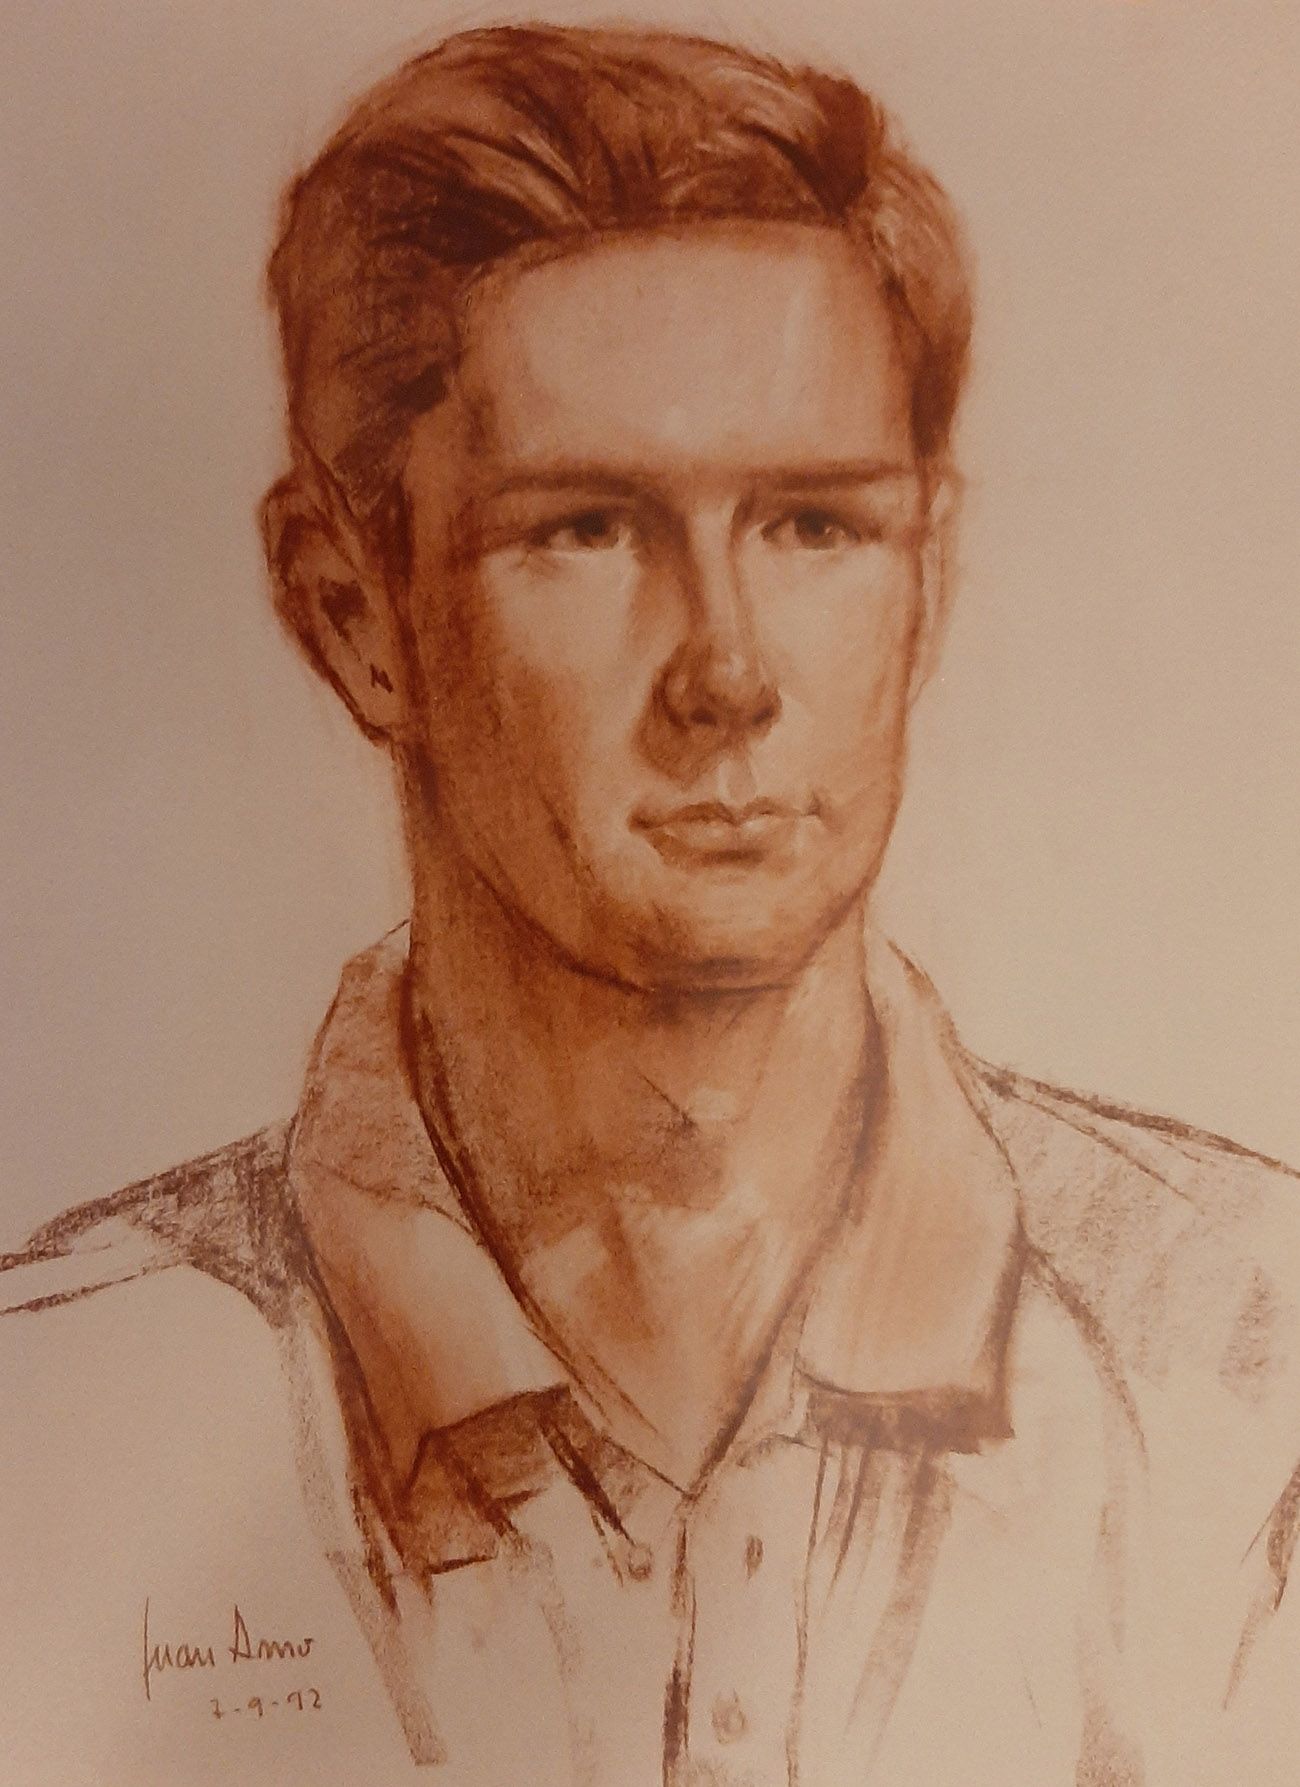 EMILIO MOLINA PEIRÓ. Retrato Dibujo de Juan Amo.